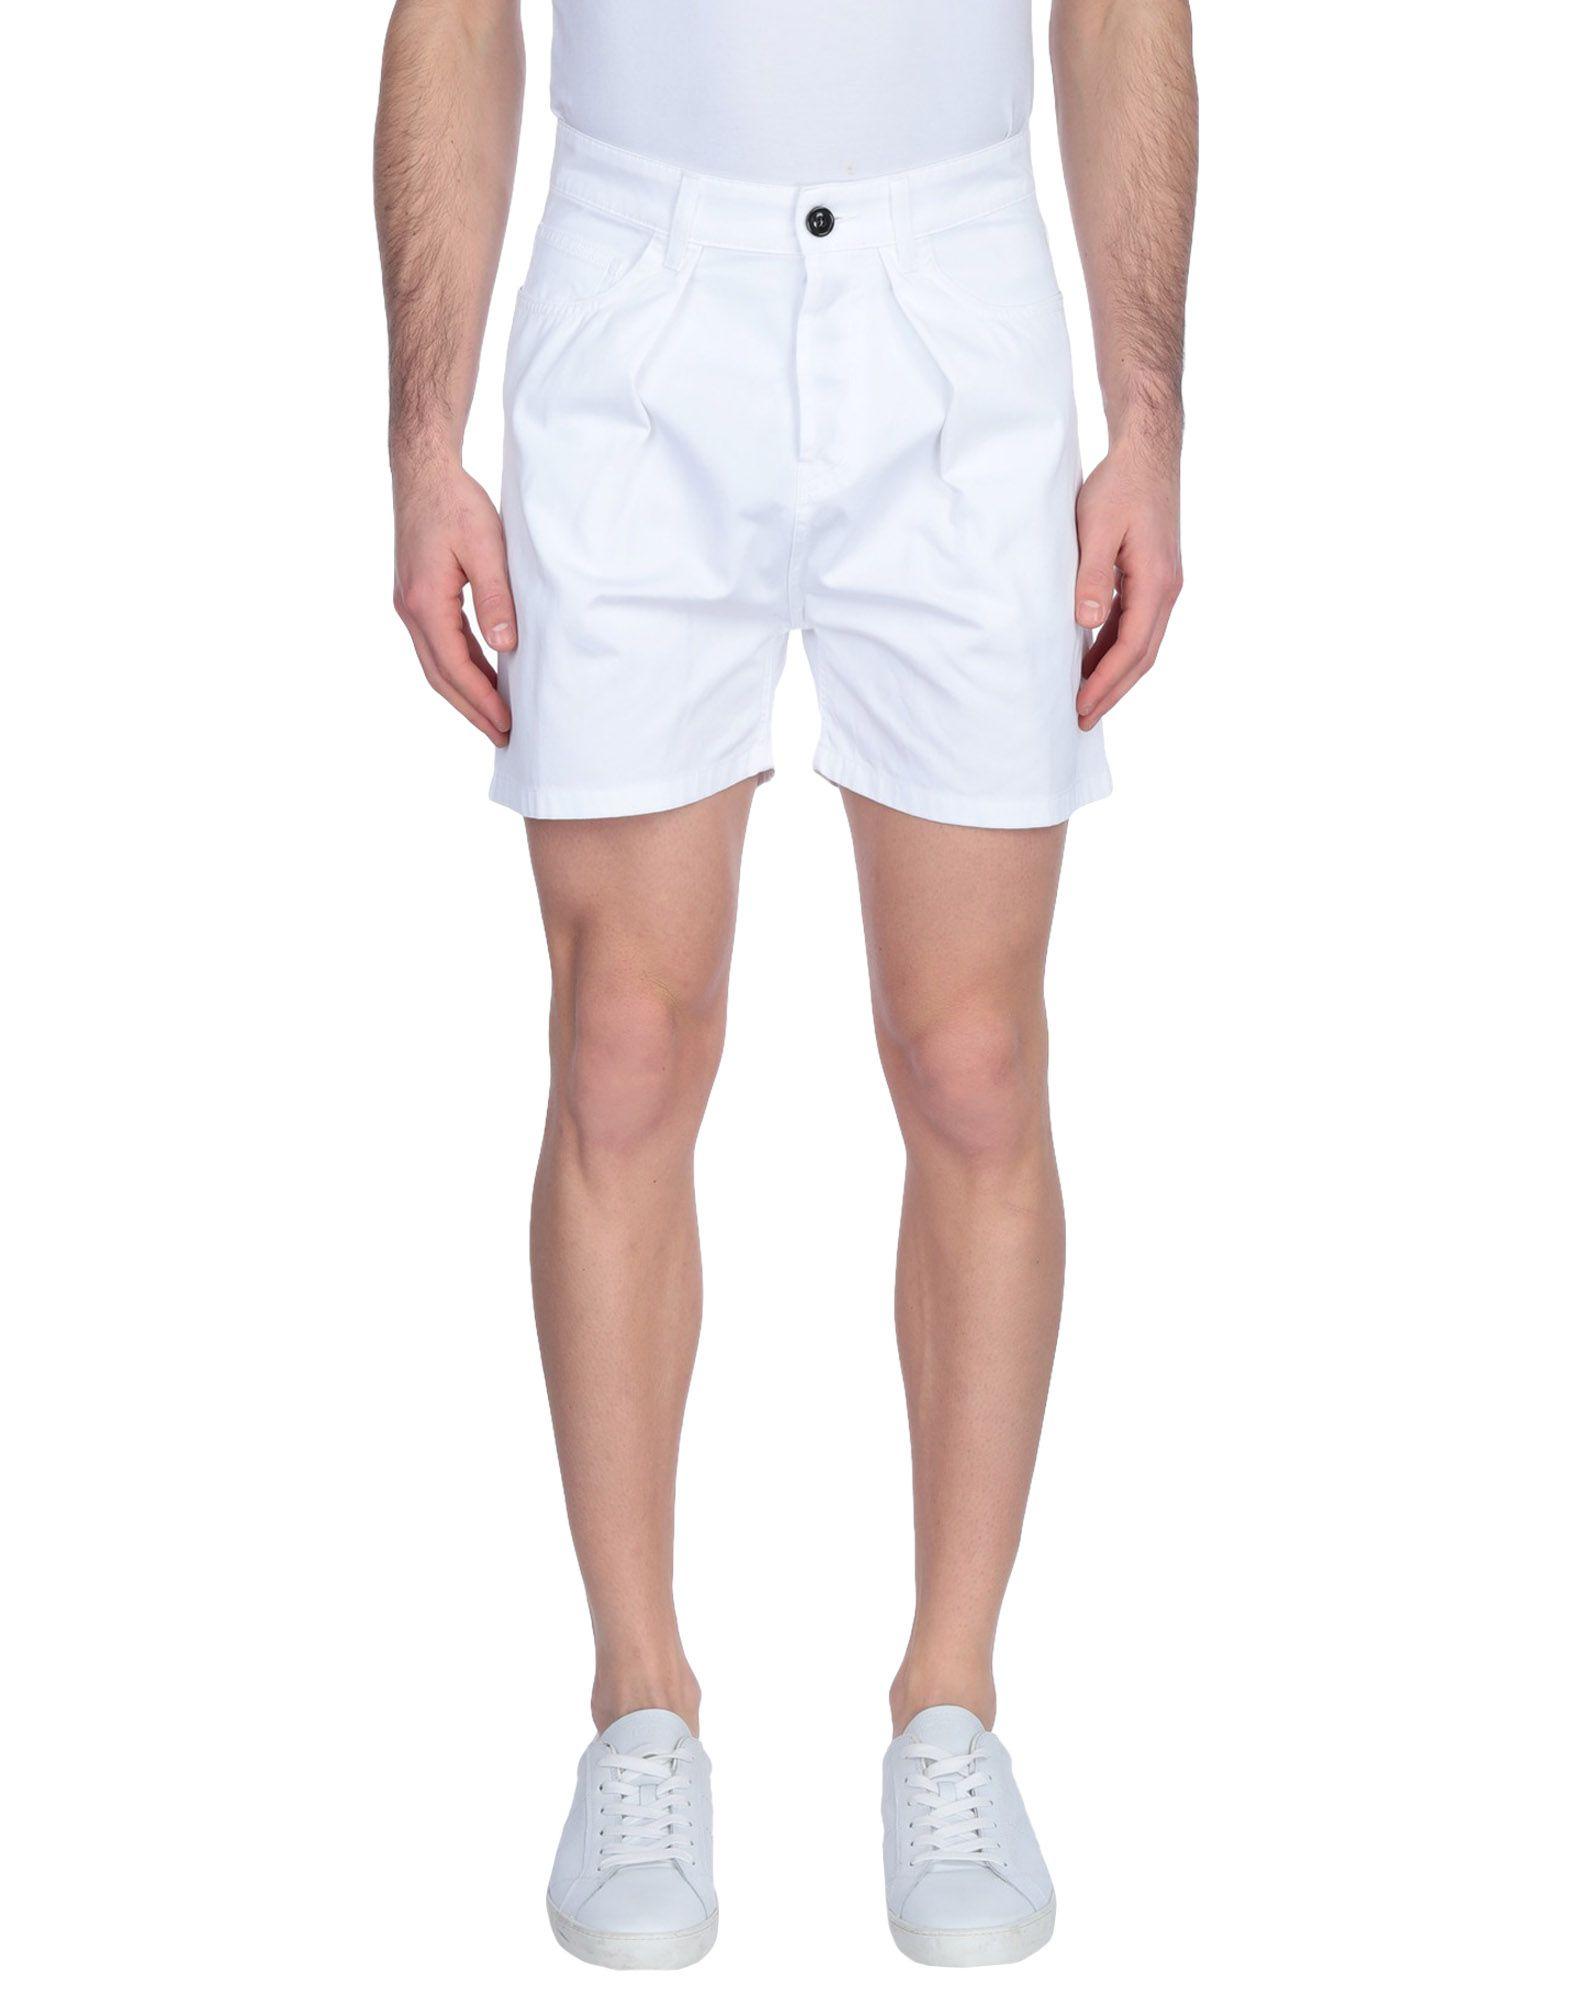 Фото - DEPARTMENT 5 Джинсовые шорты please джинсовые шорты